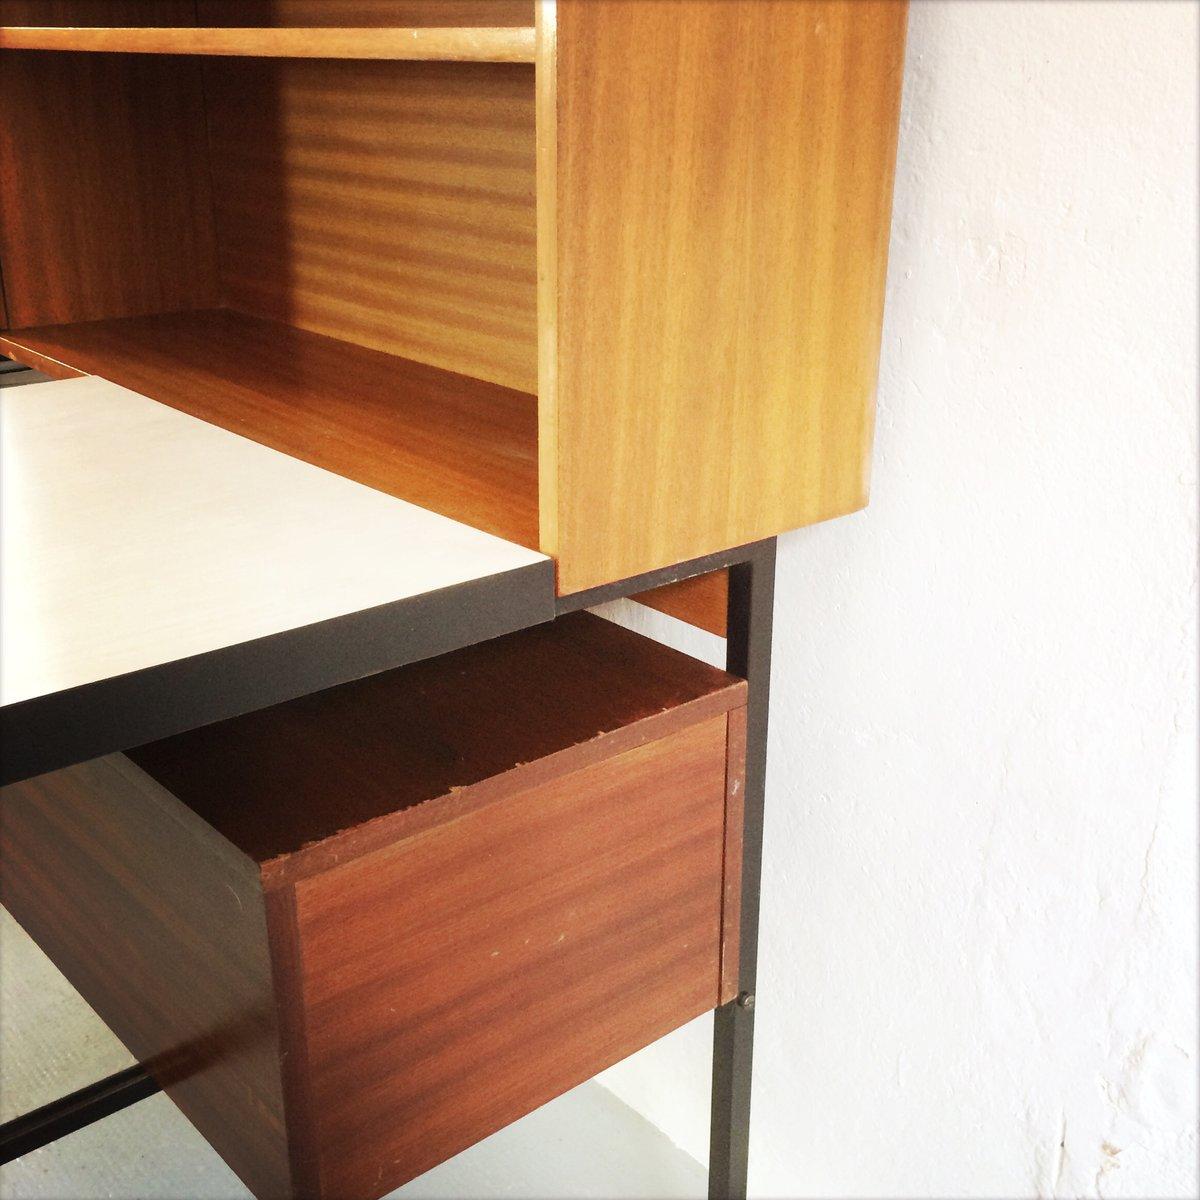 regal mit eingebautem schreibtisch bei pamono kaufen. Black Bedroom Furniture Sets. Home Design Ideas